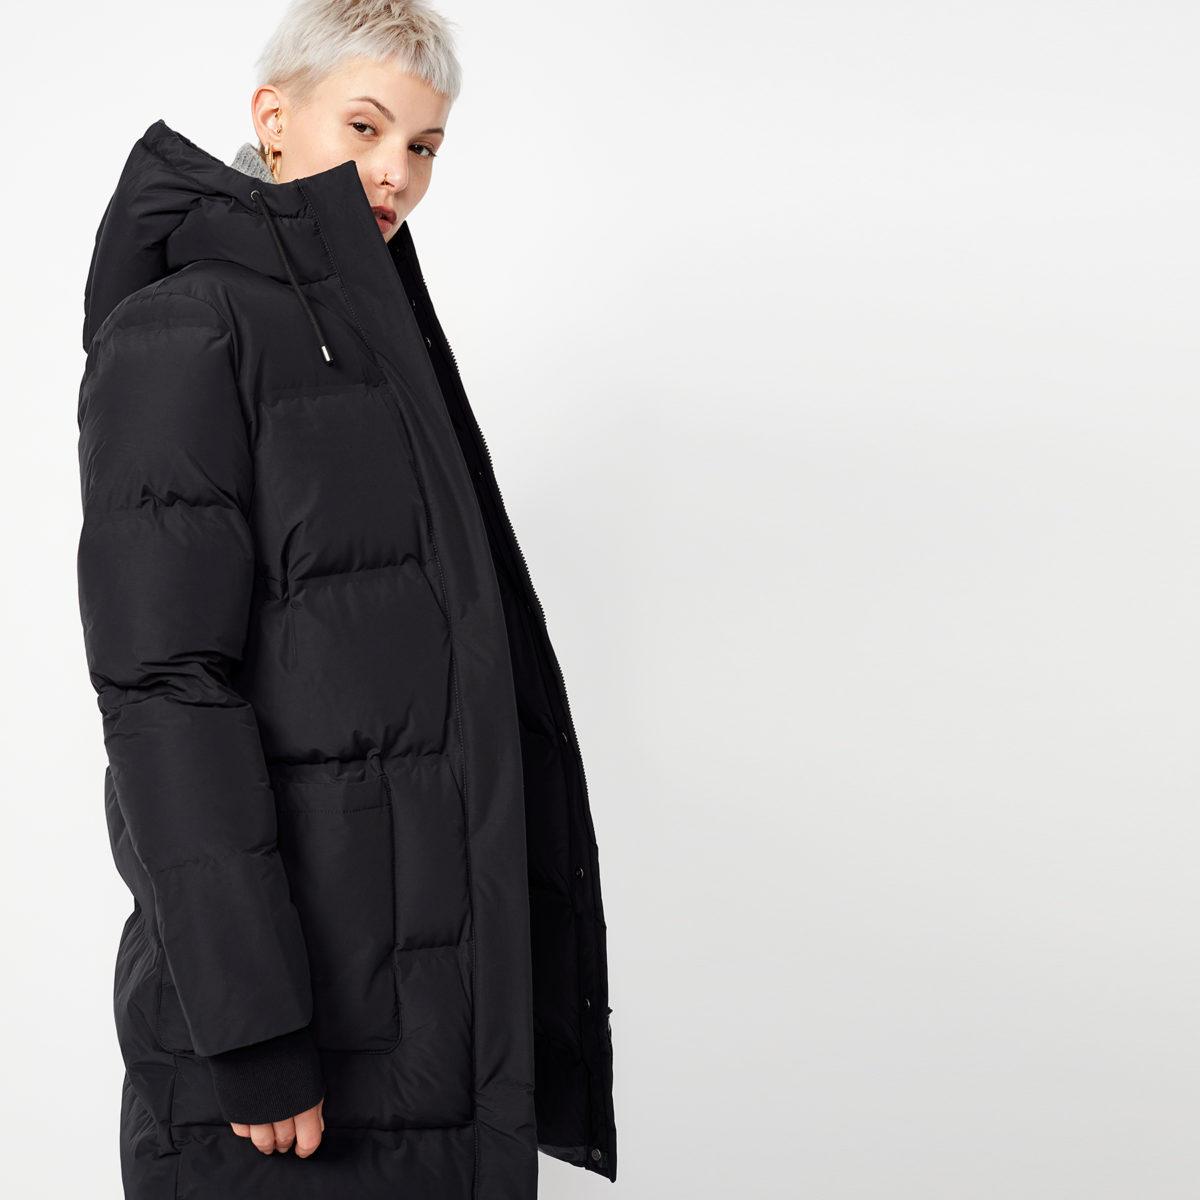 Vinterkappa Aike Black från Langerchen tillverkad av ekologiska & återvunna material.